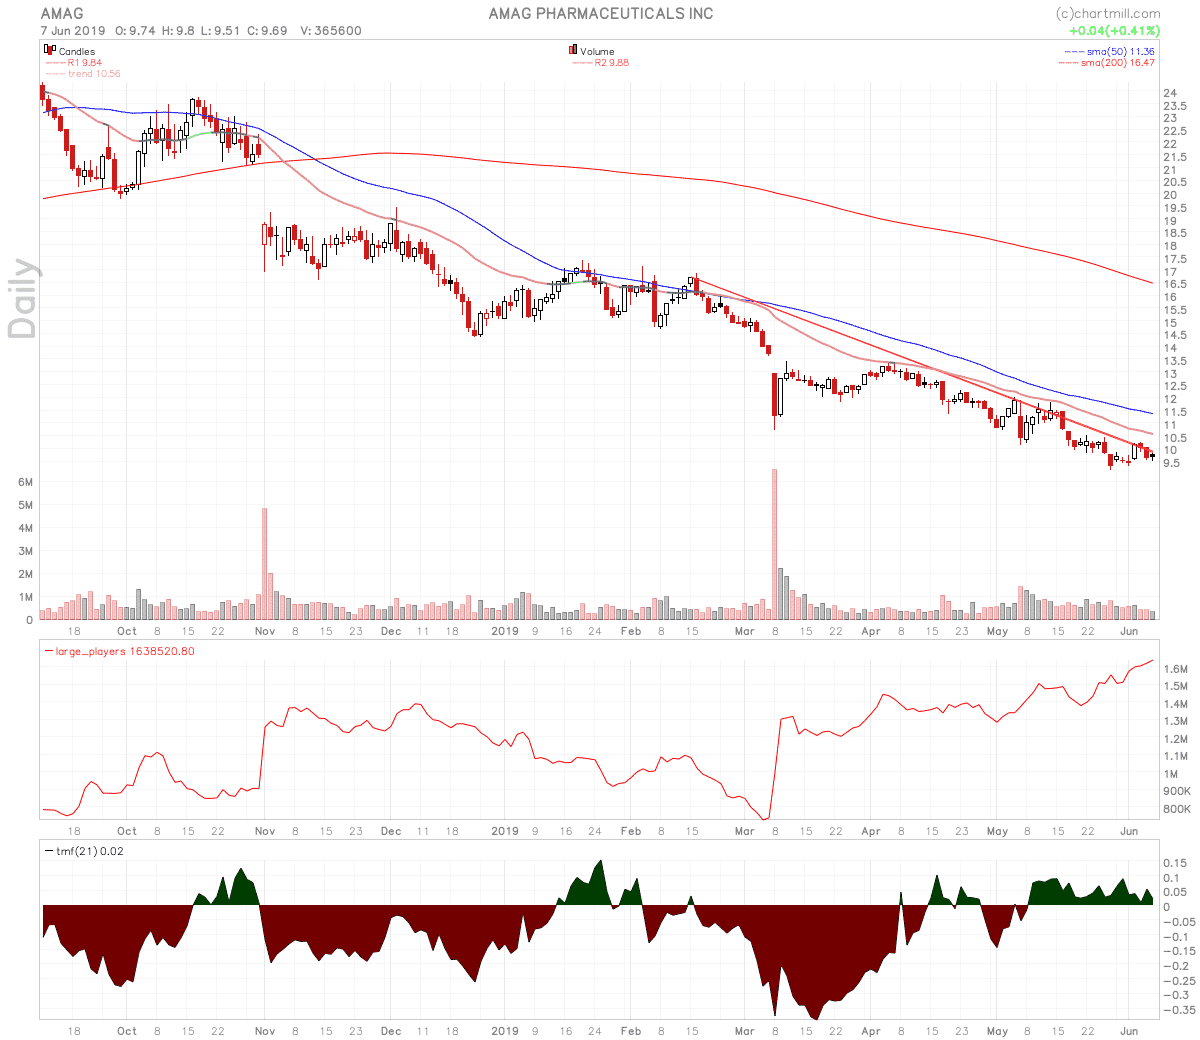 Top 7 Biotech Stocks To Watch $ACER $AMAG $ARQL $DOVA $EPZM $GBT $SVRA